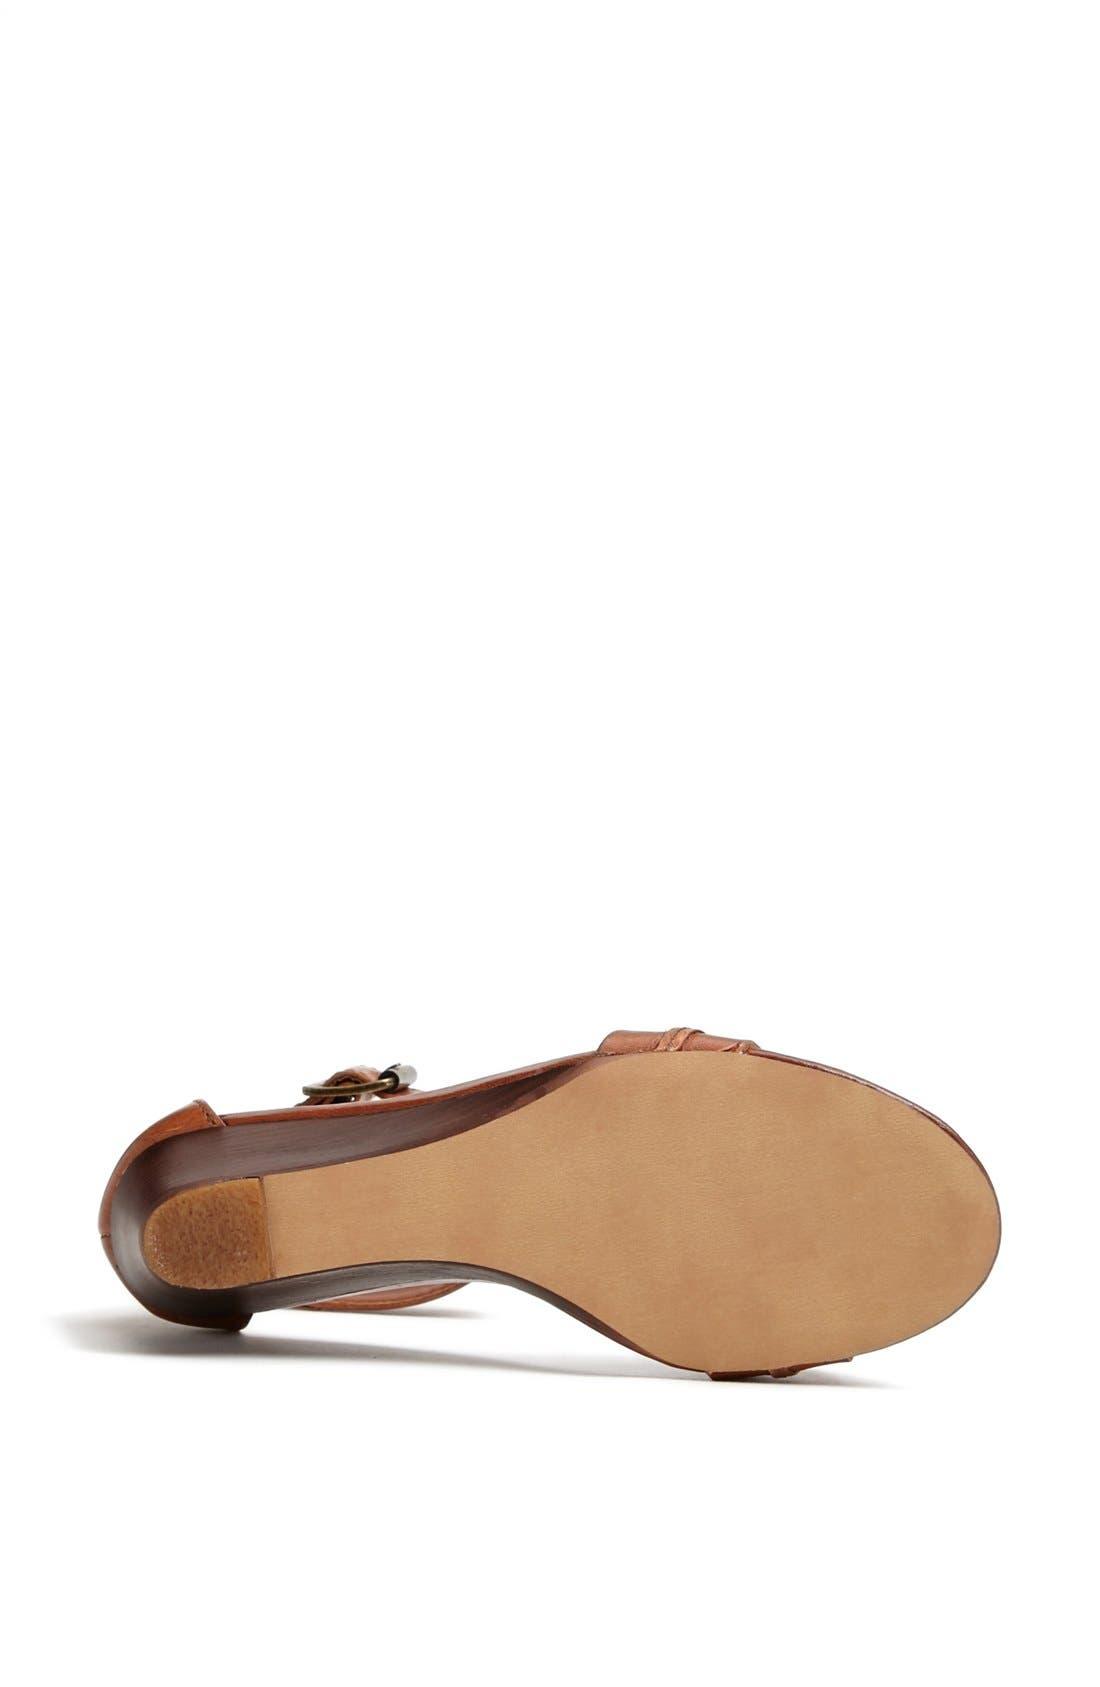 Alternate Image 4  - Steve Madden 'Neliee' Sandal